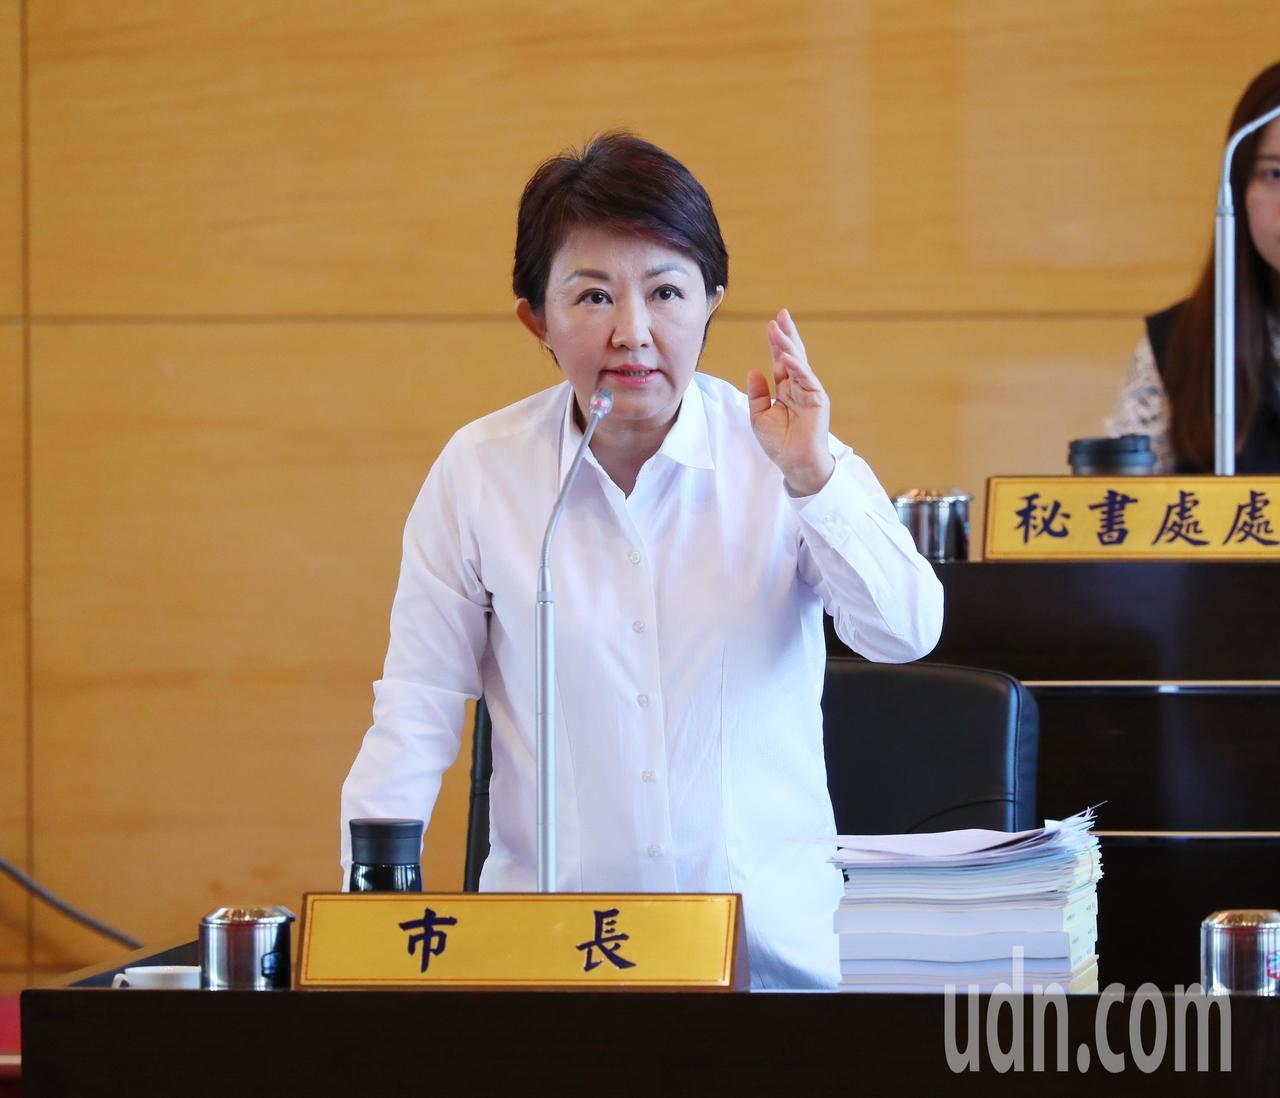 台中市長盧秀燕處理中火減煤案,表示依法辦理。記者陳秋雲/攝影